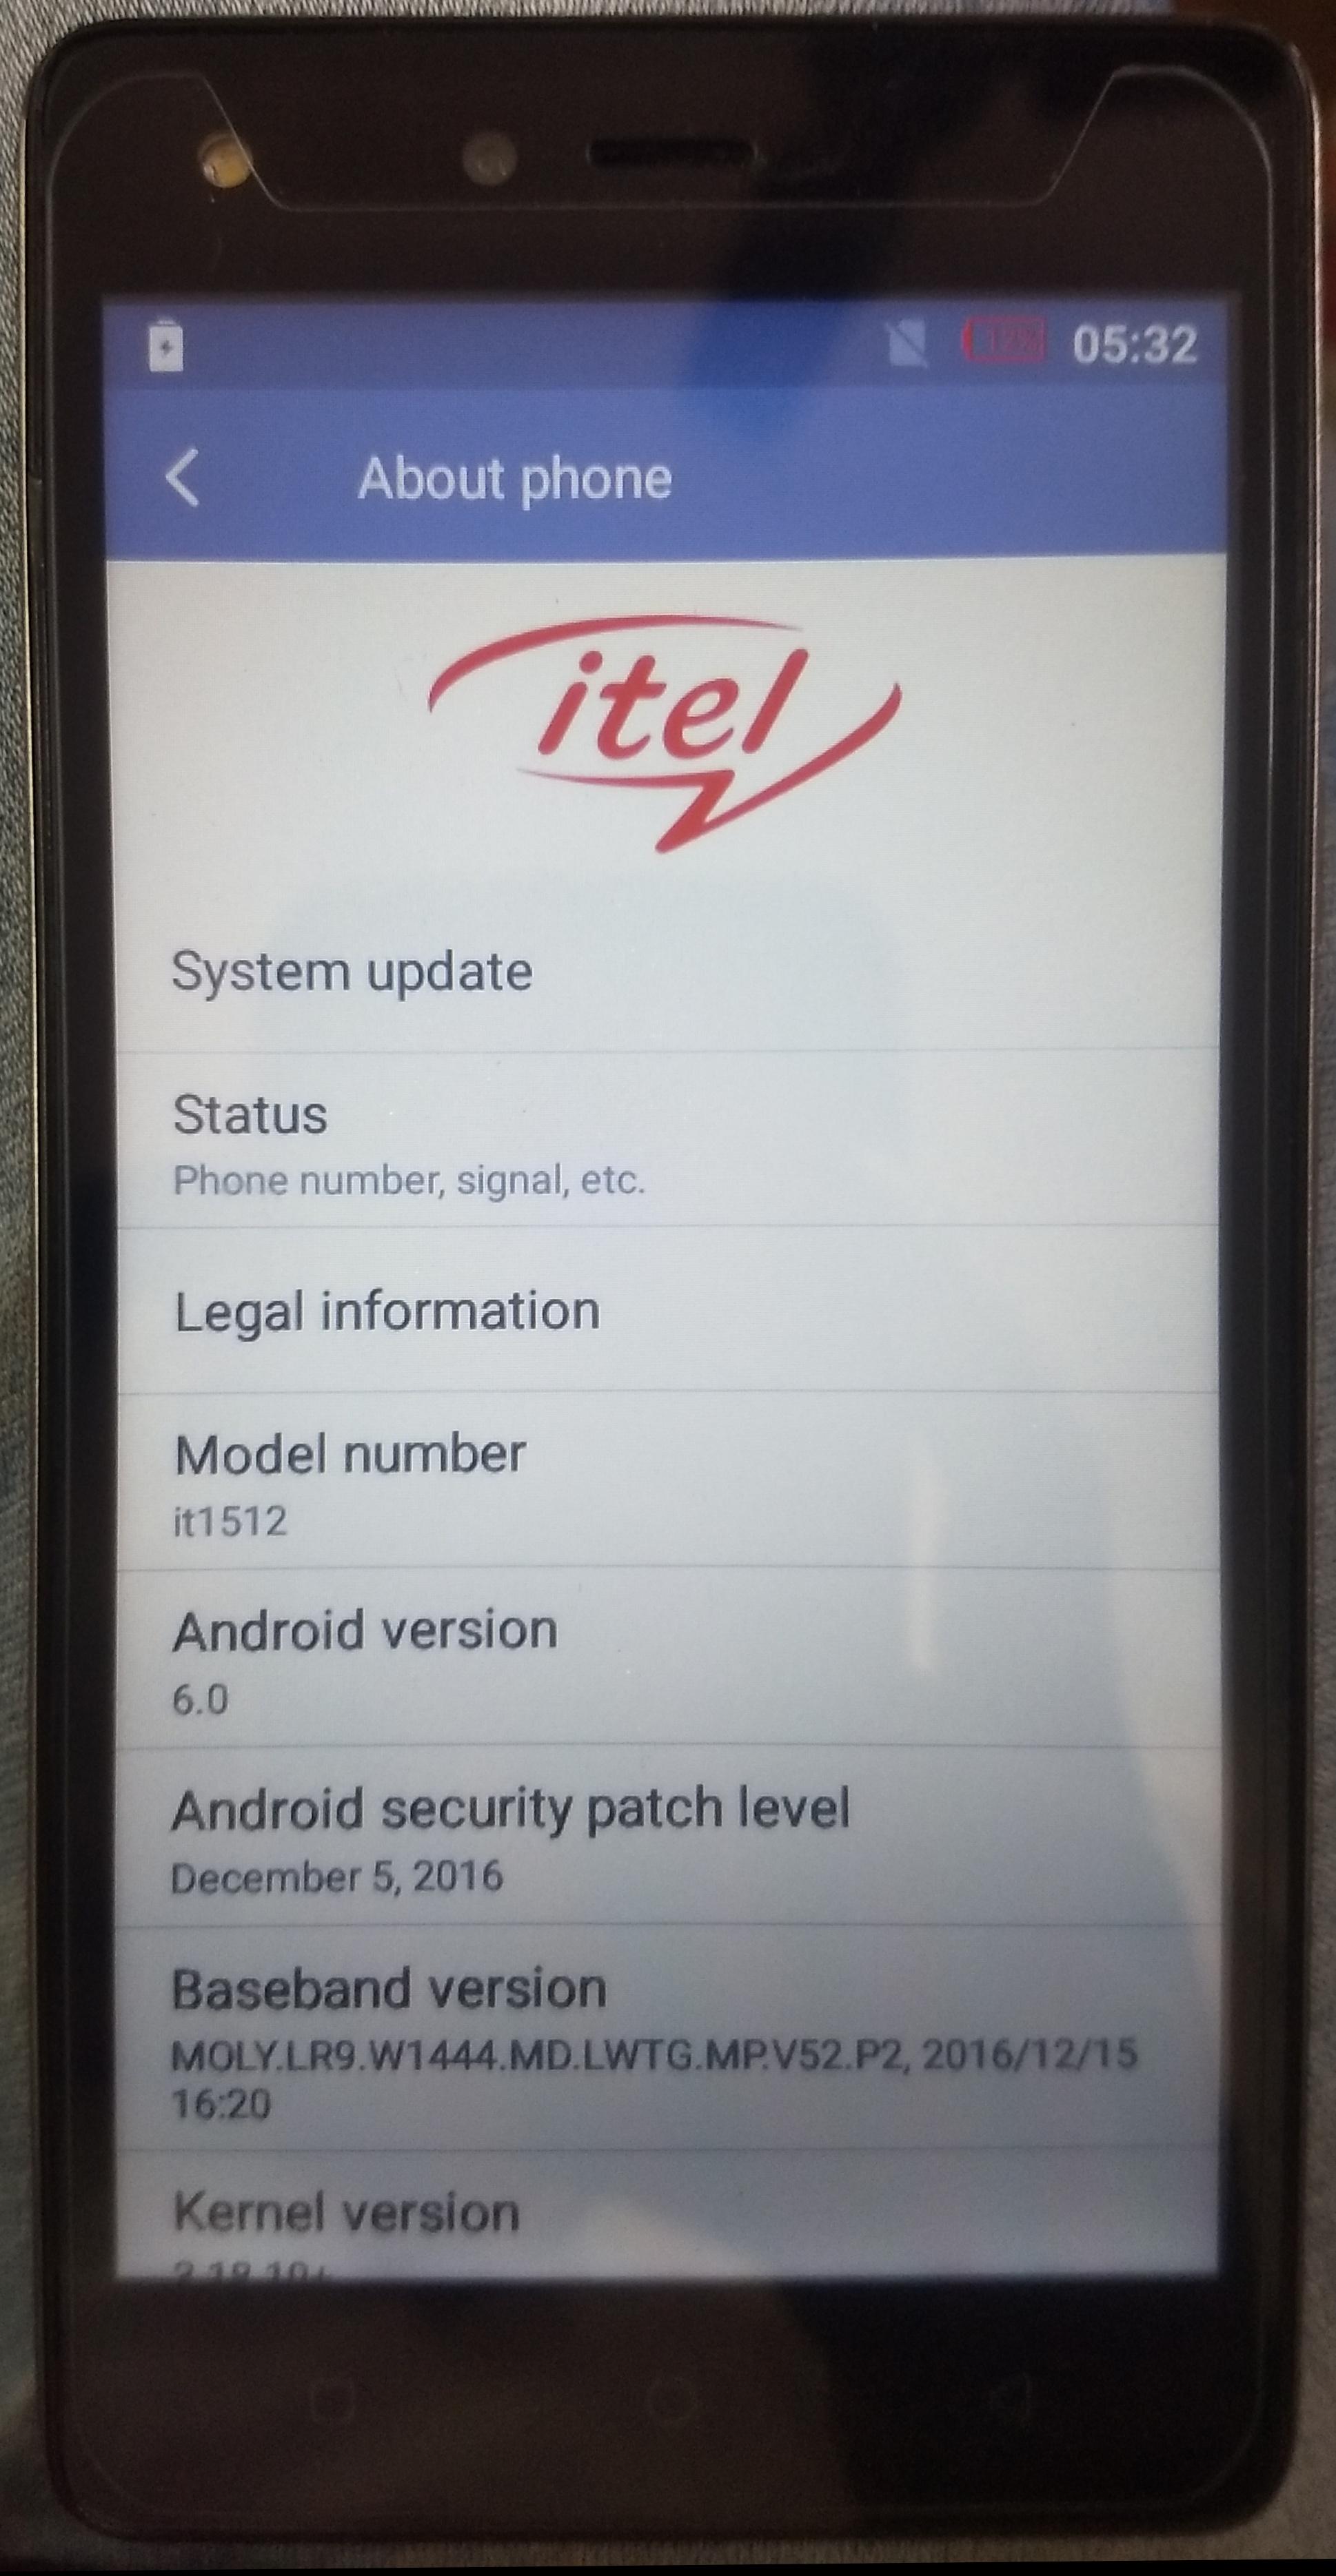 itel Archives - GSM FORUM TECH